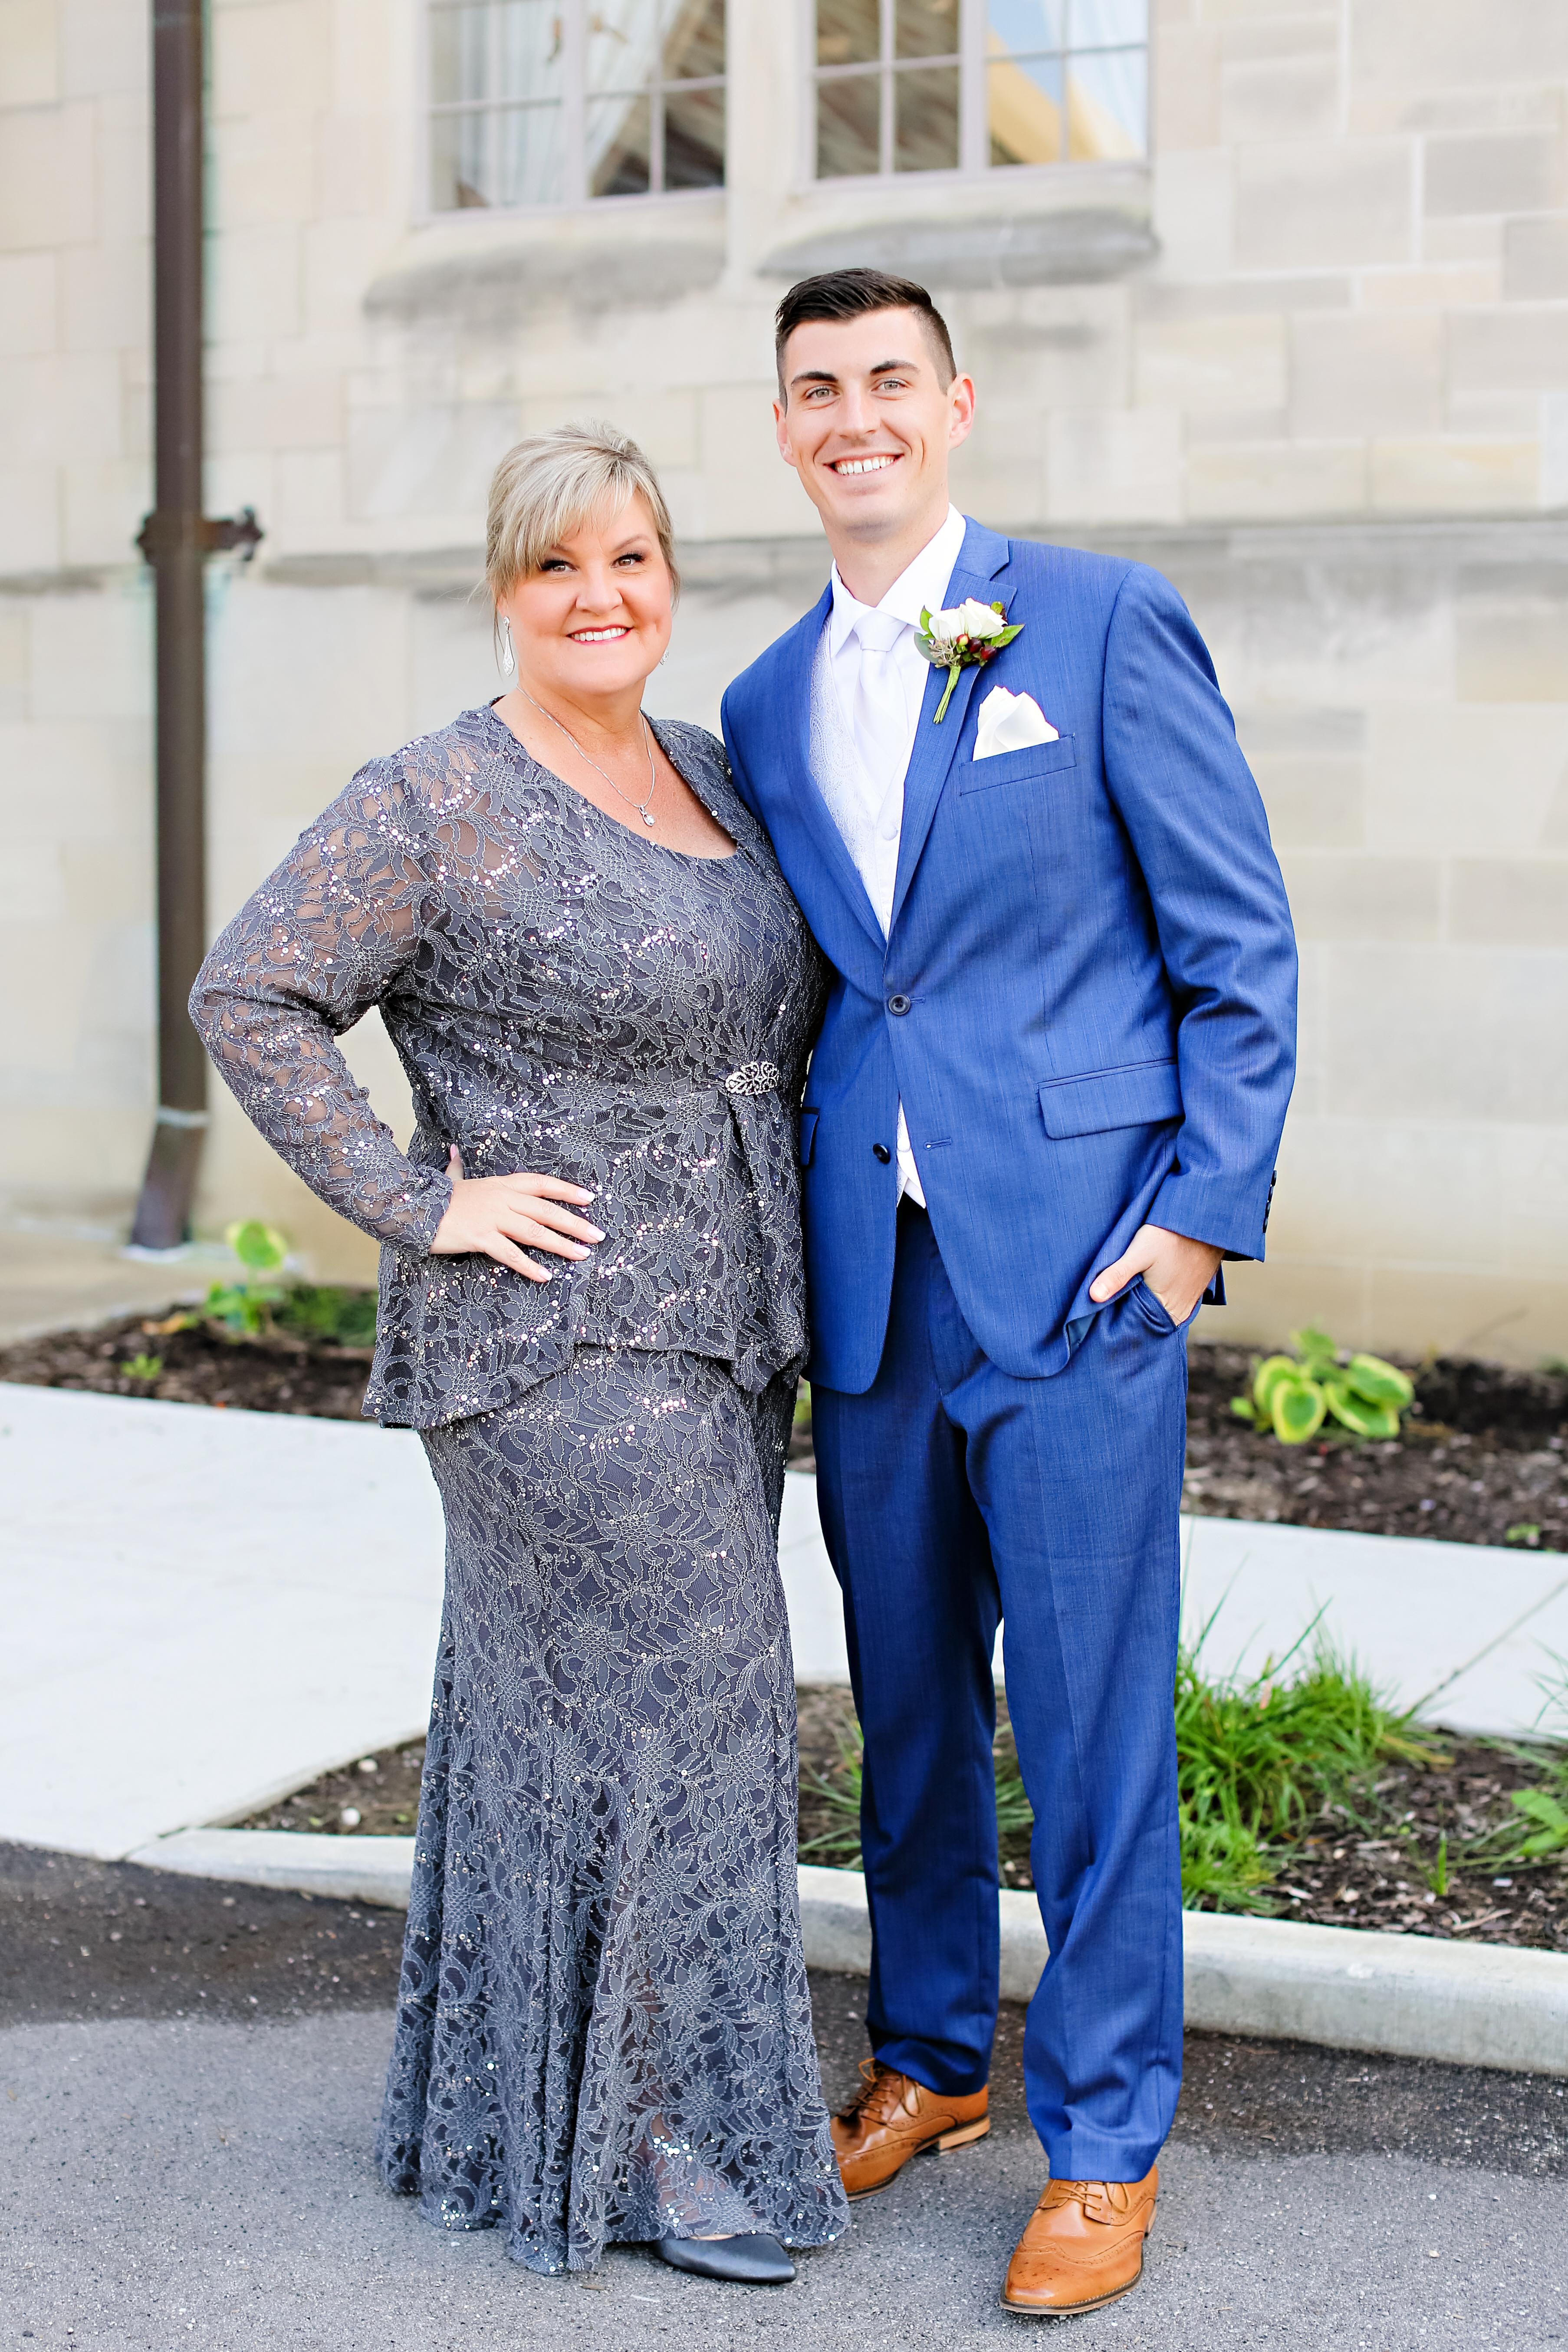 Jordan Ryan Indiana Roof Ballroom Wedding 081